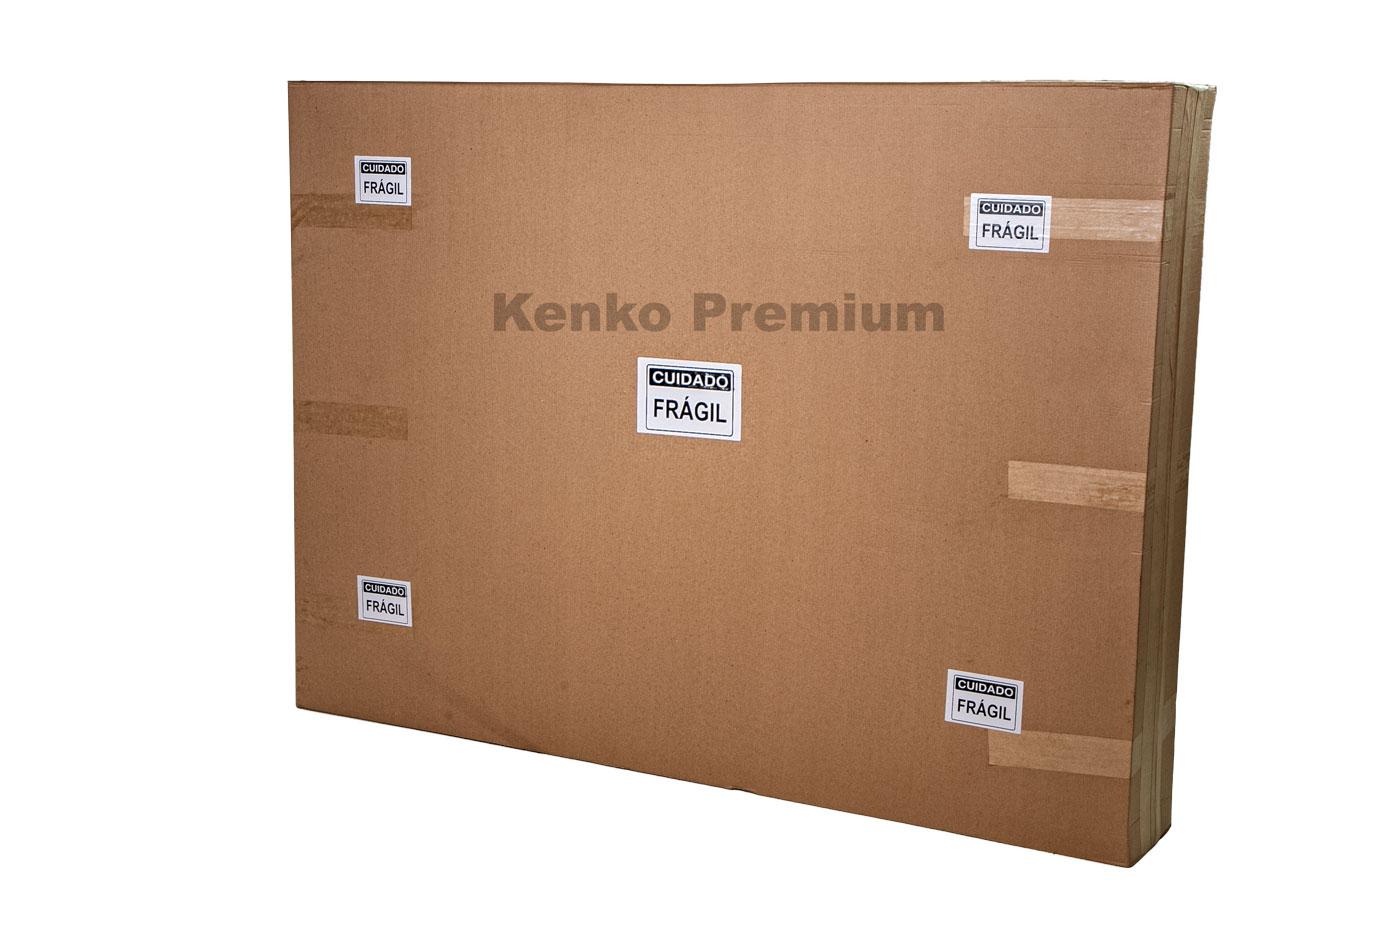 Colchão Magnético Kenko Premium, Modelo HR 29cm Látex - Solteiro 0,88x1,88  - Kenko Premium Colchões